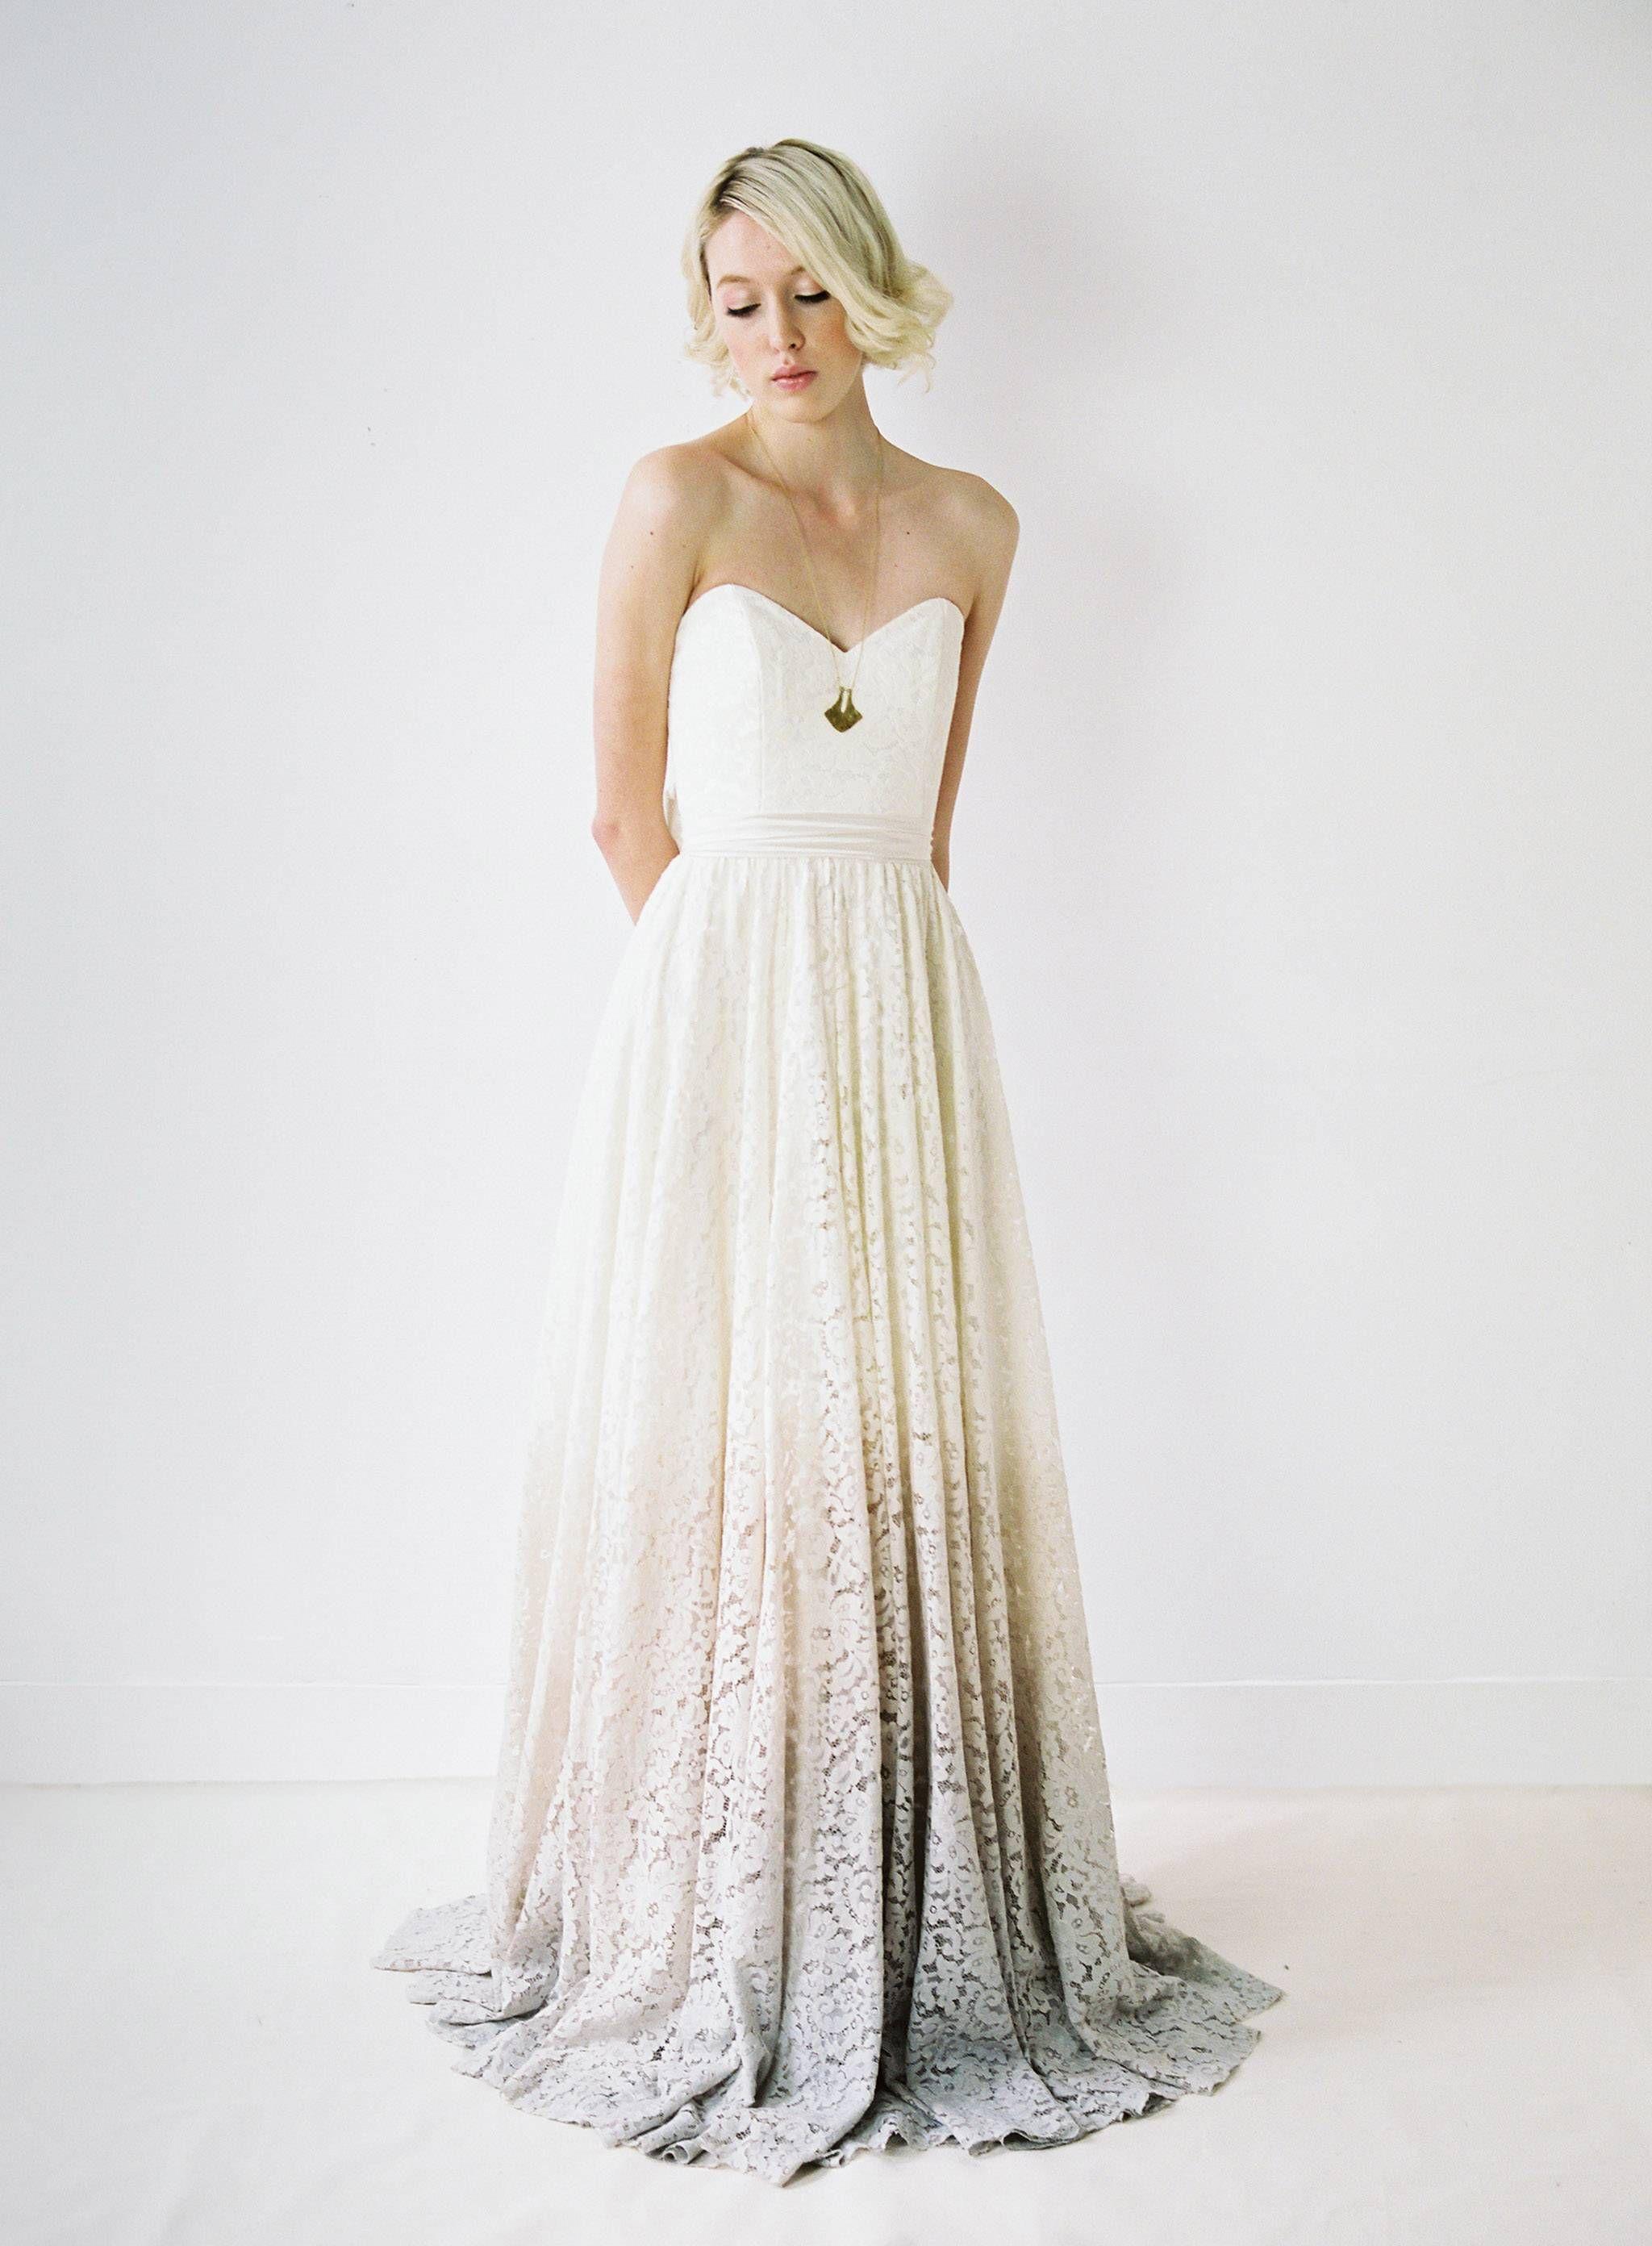 Dipped wedding dress  hello gorgeous  Dresses  Pinterest  Bridal boutique Confident